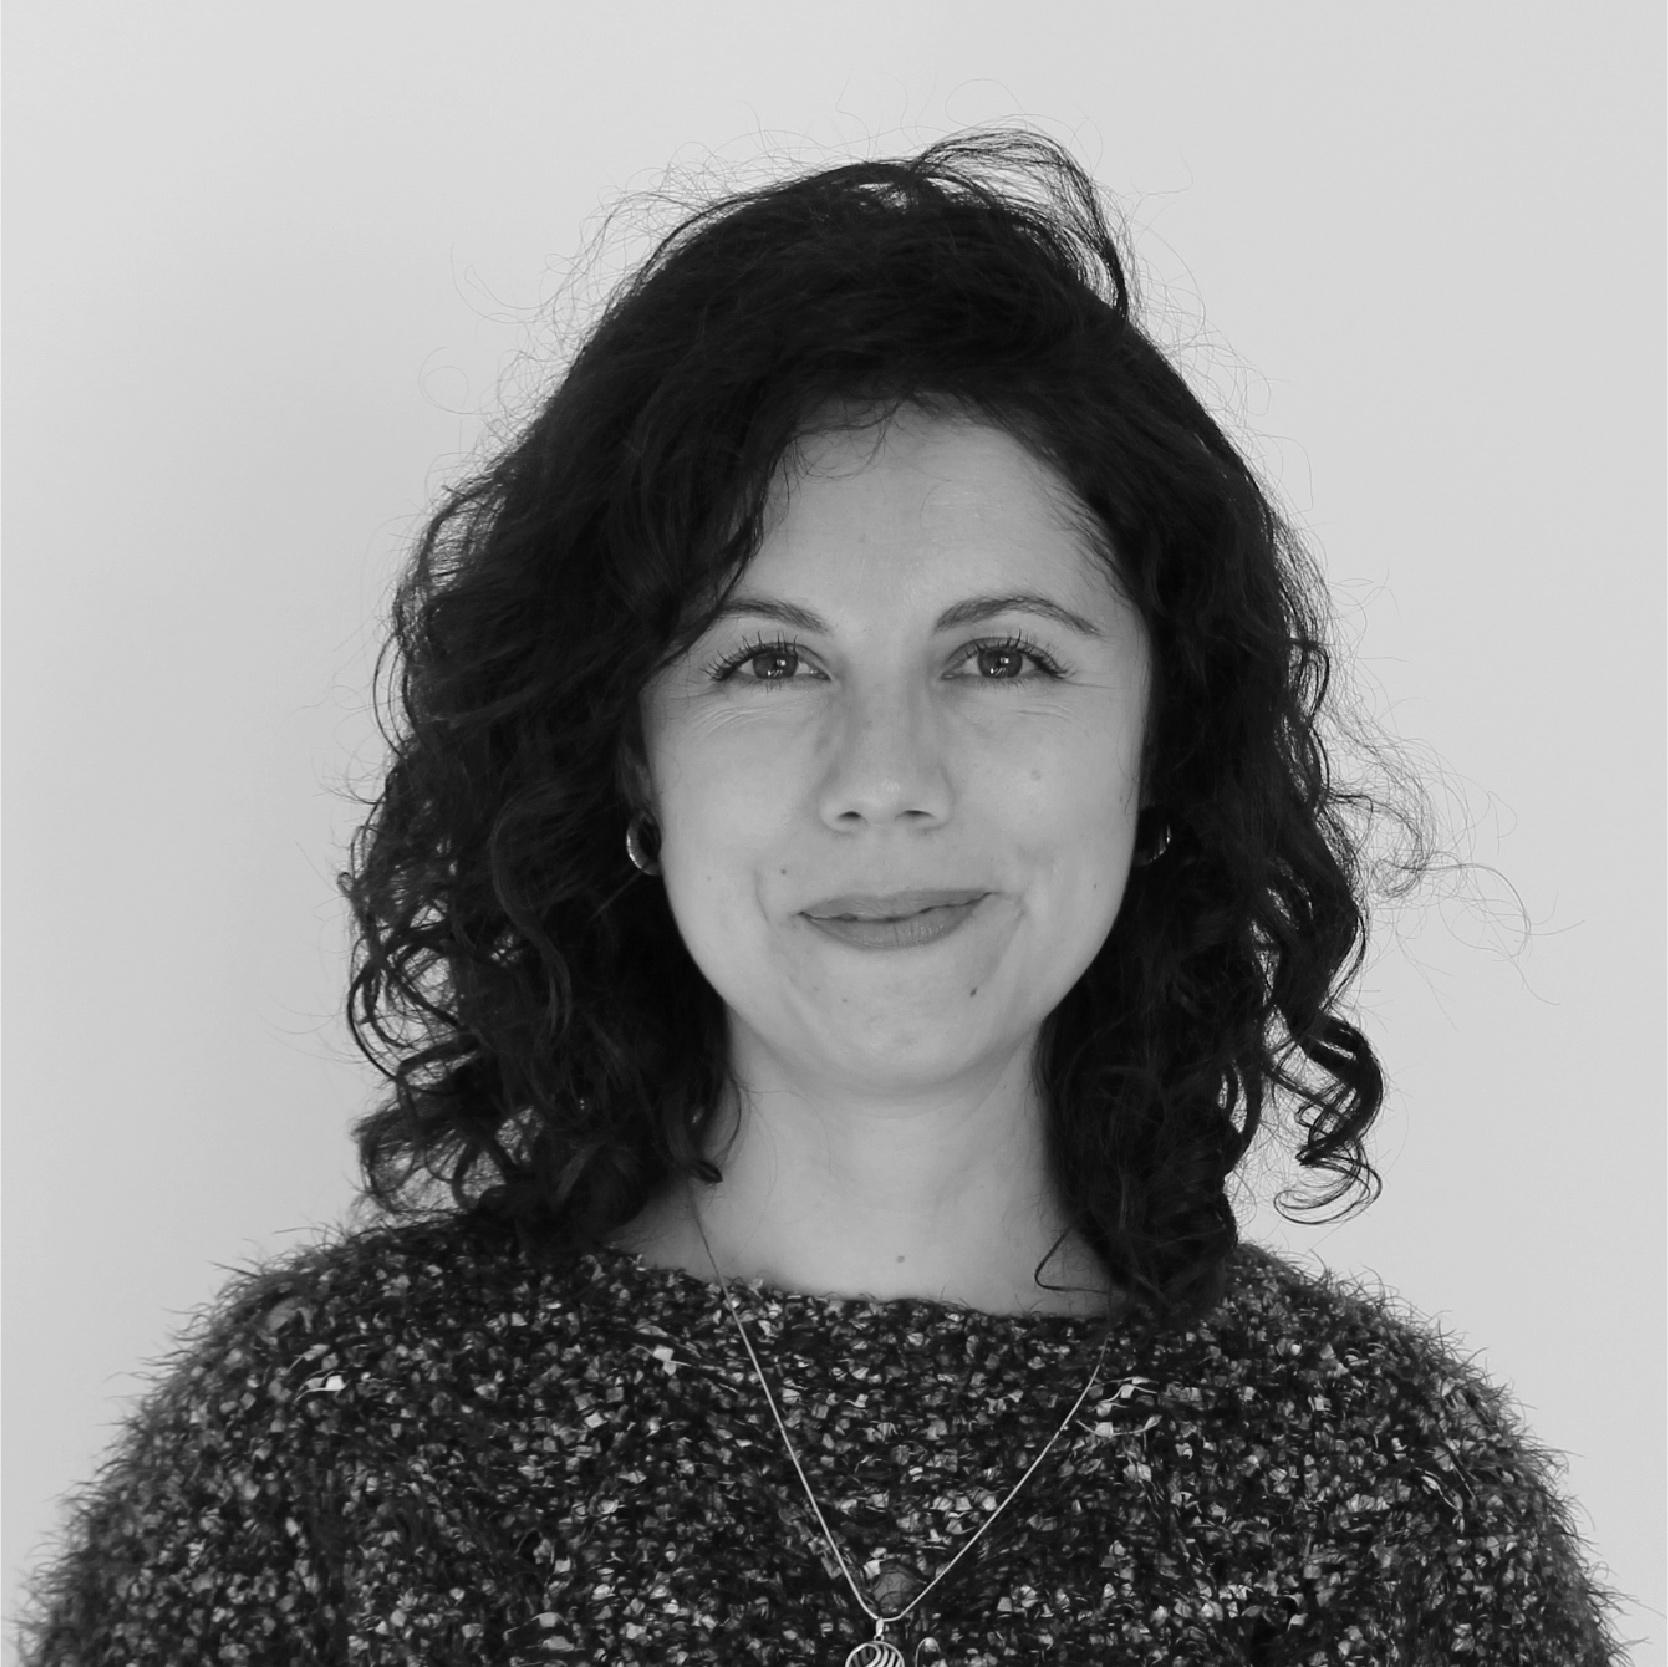 Viviana Lourdes Muñoz Ruiz